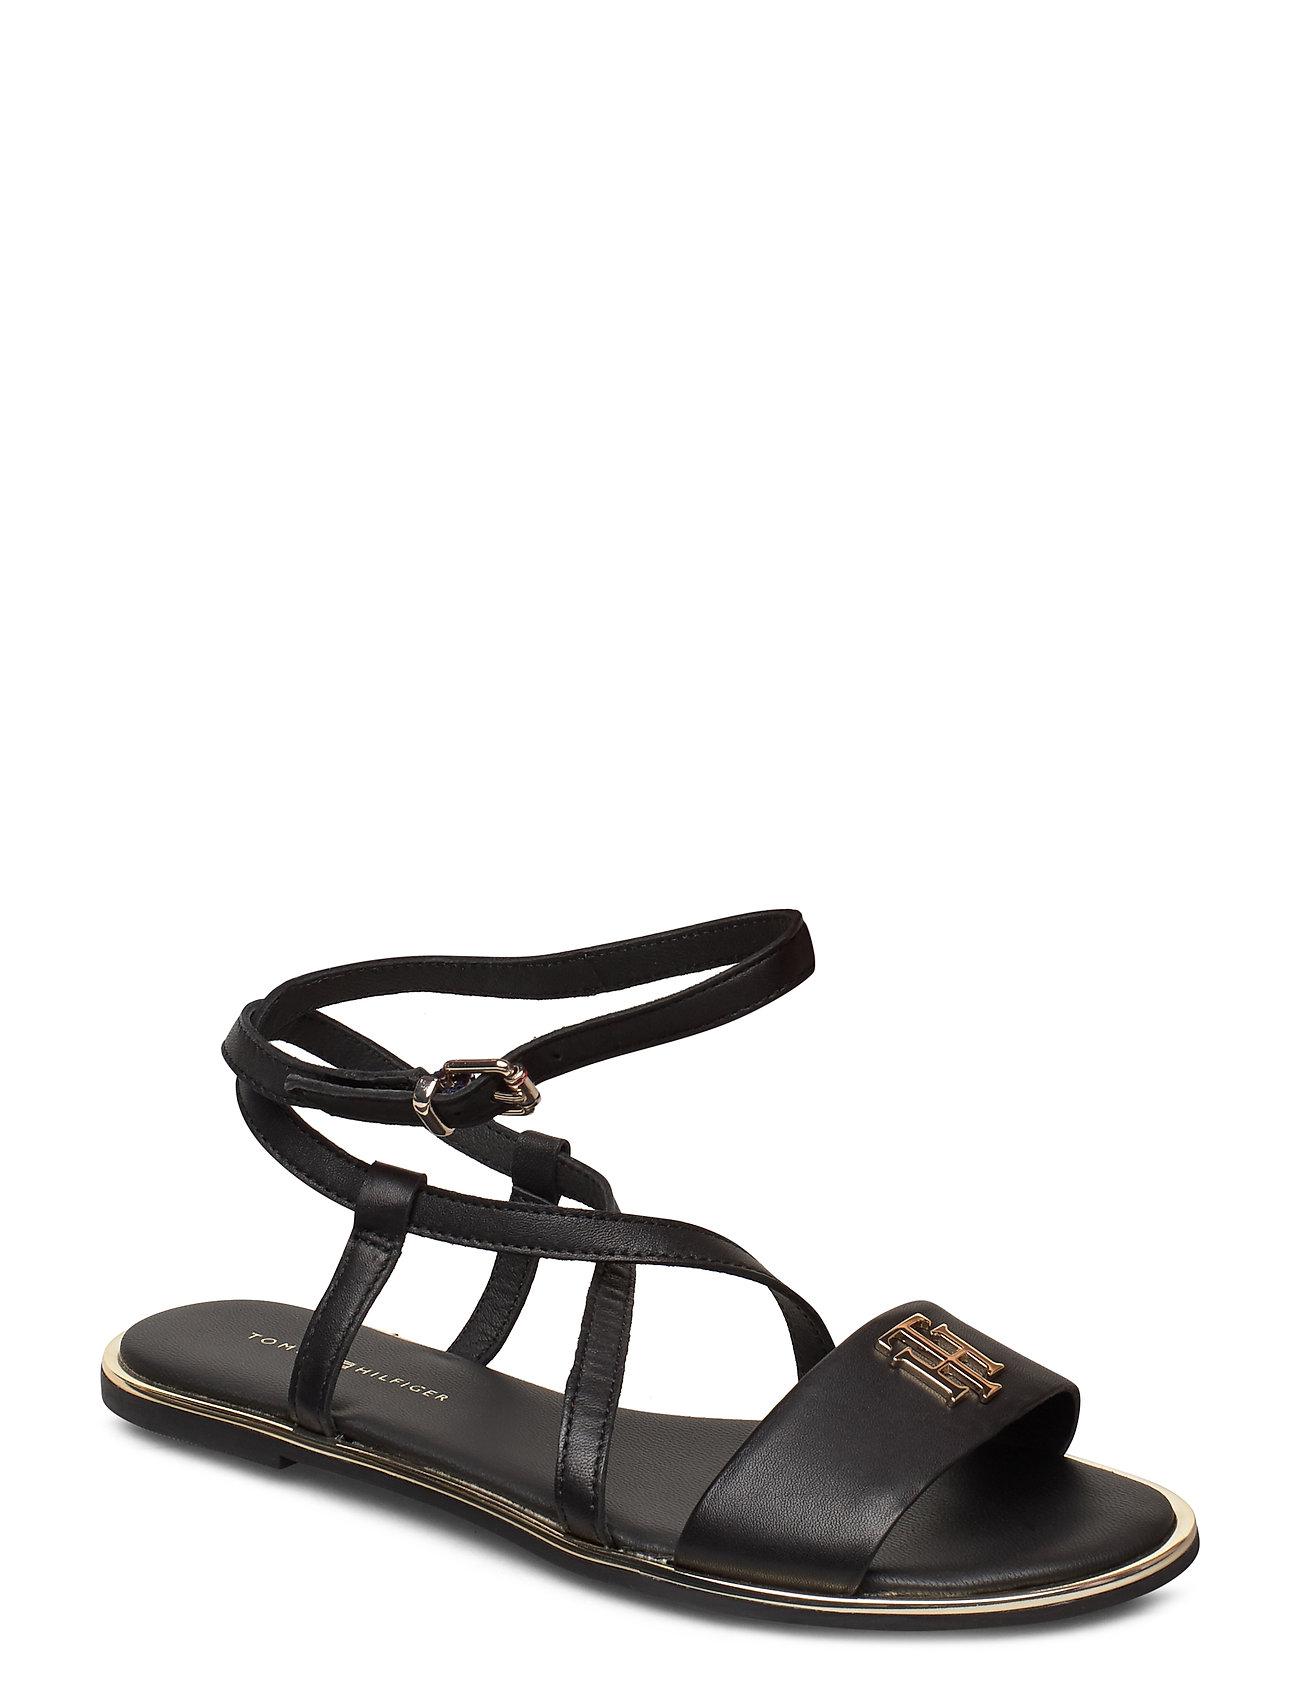 Image of Th Hardware Flat Sandal Shoes Summer Shoes Flat Sandals Sort Tommy Hilfiger (3426780601)